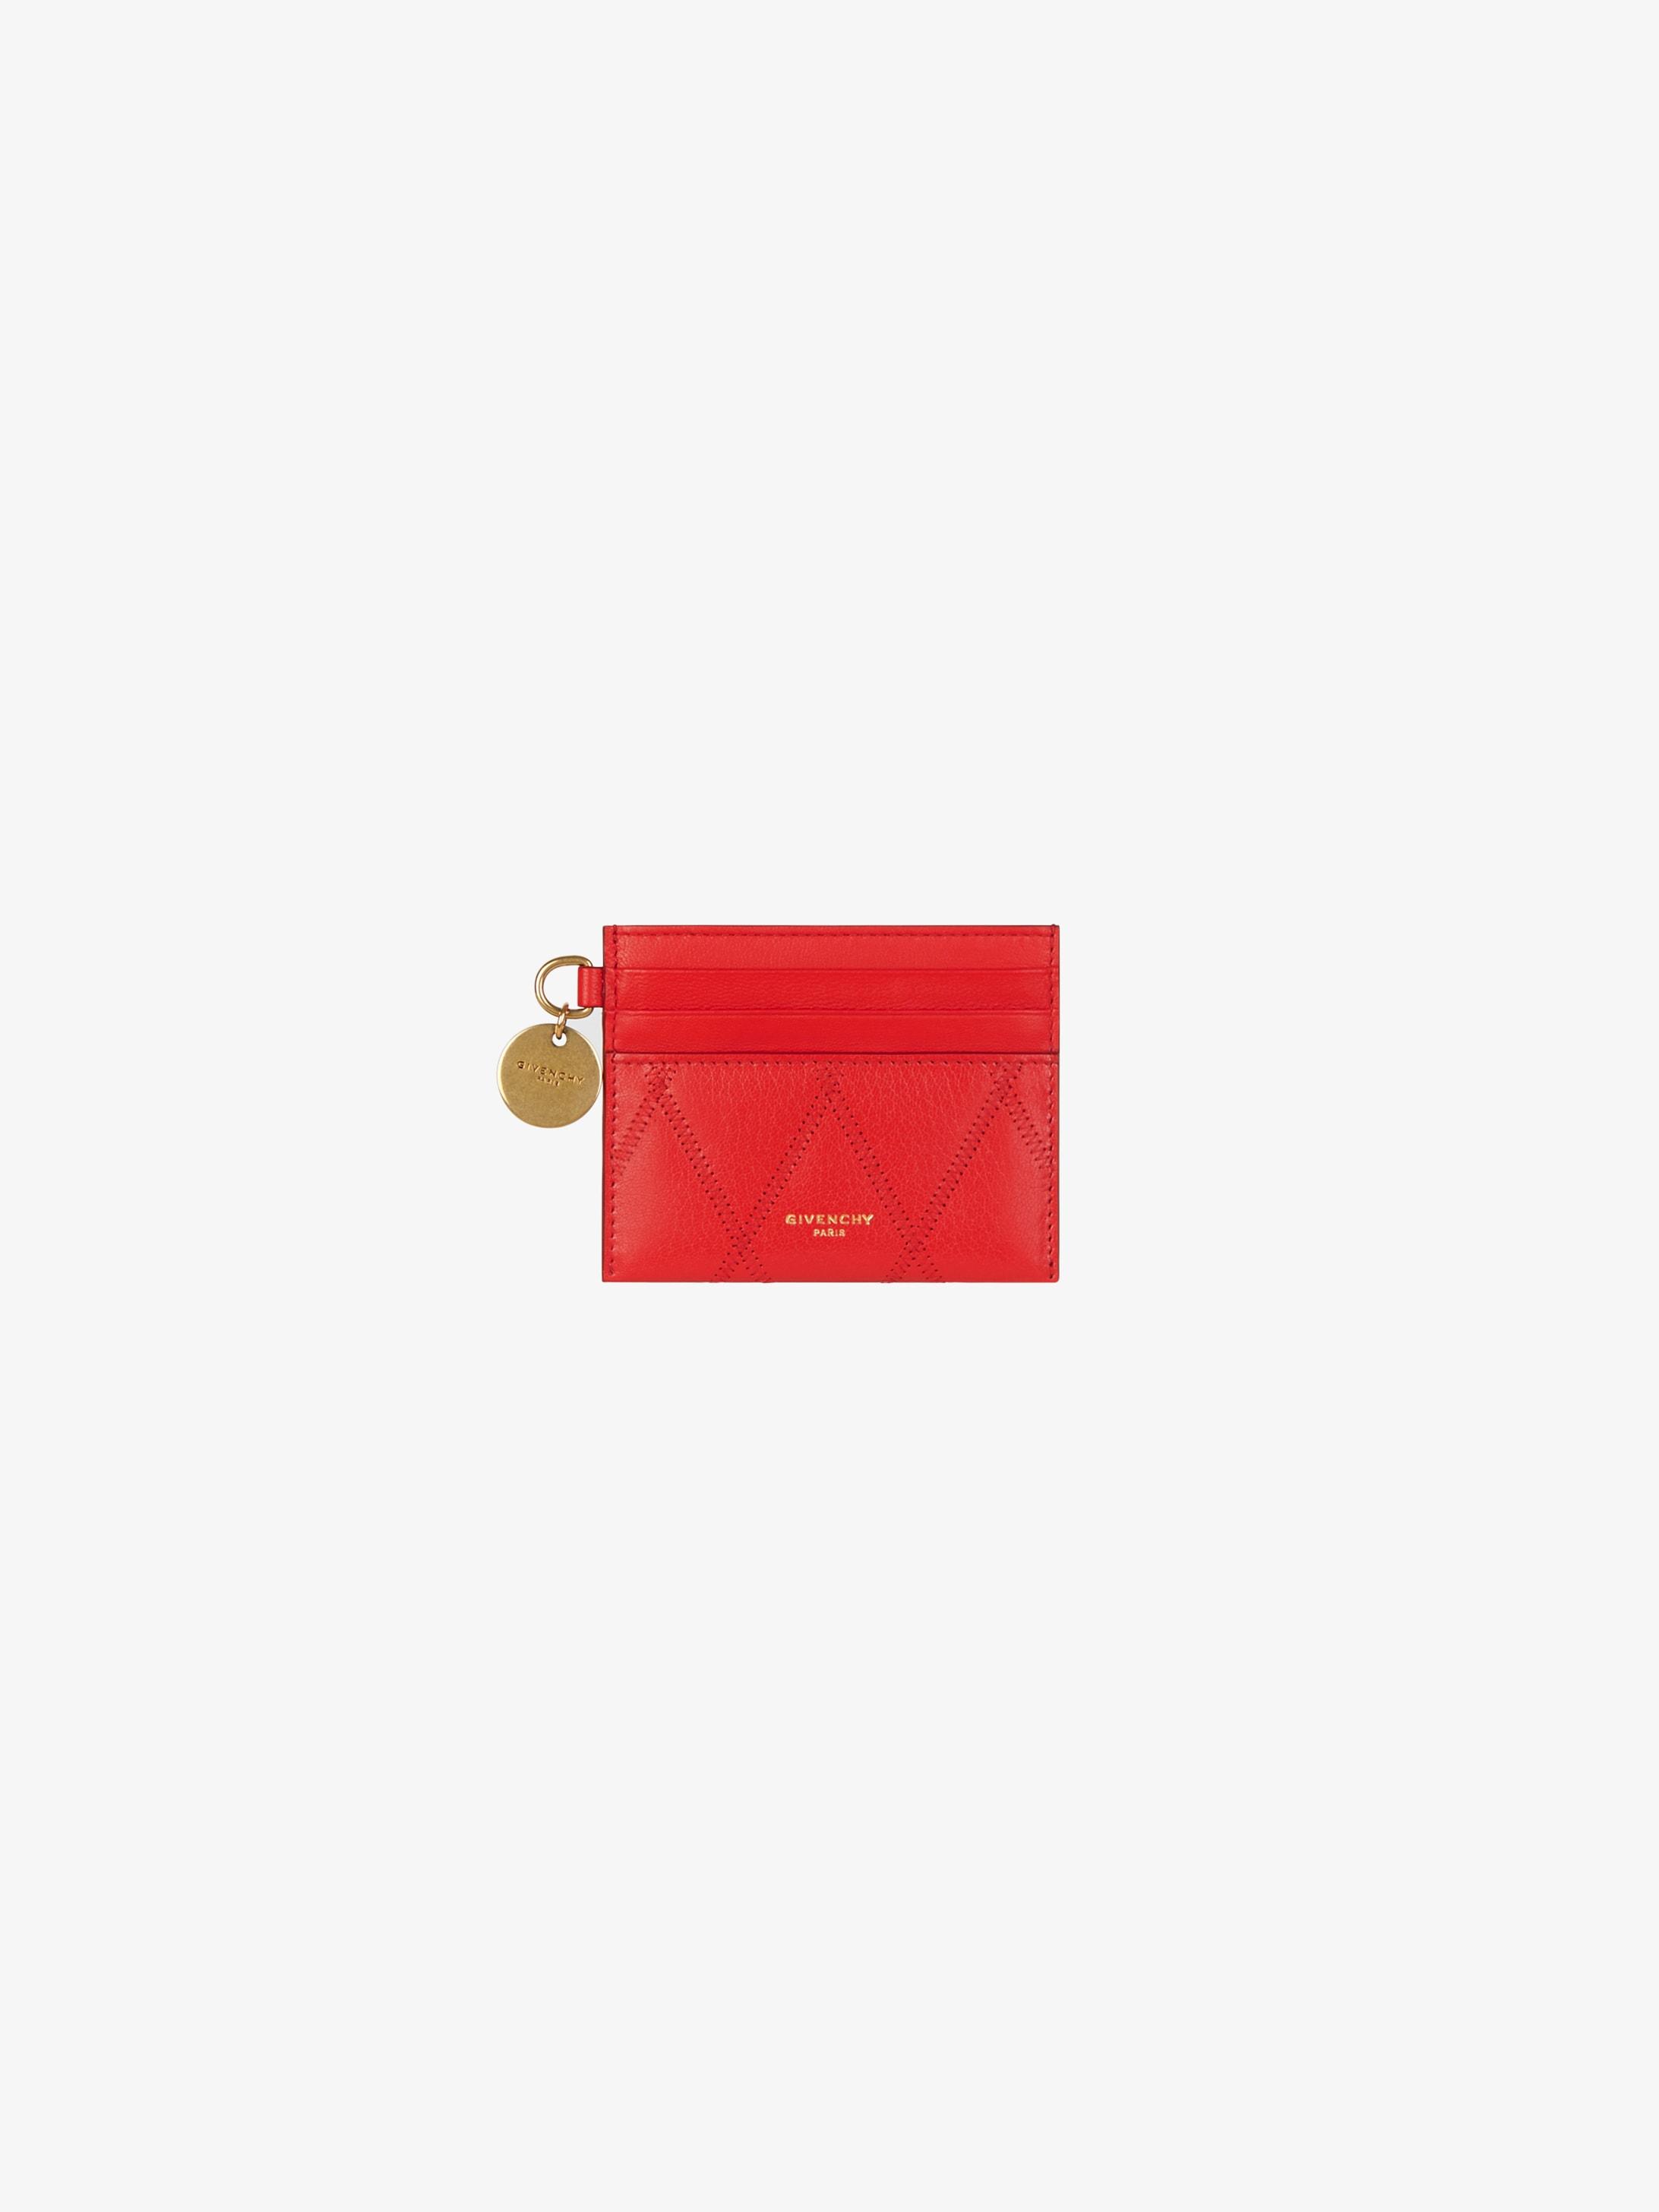 Porte-cartes GV3 en cuir matelassé